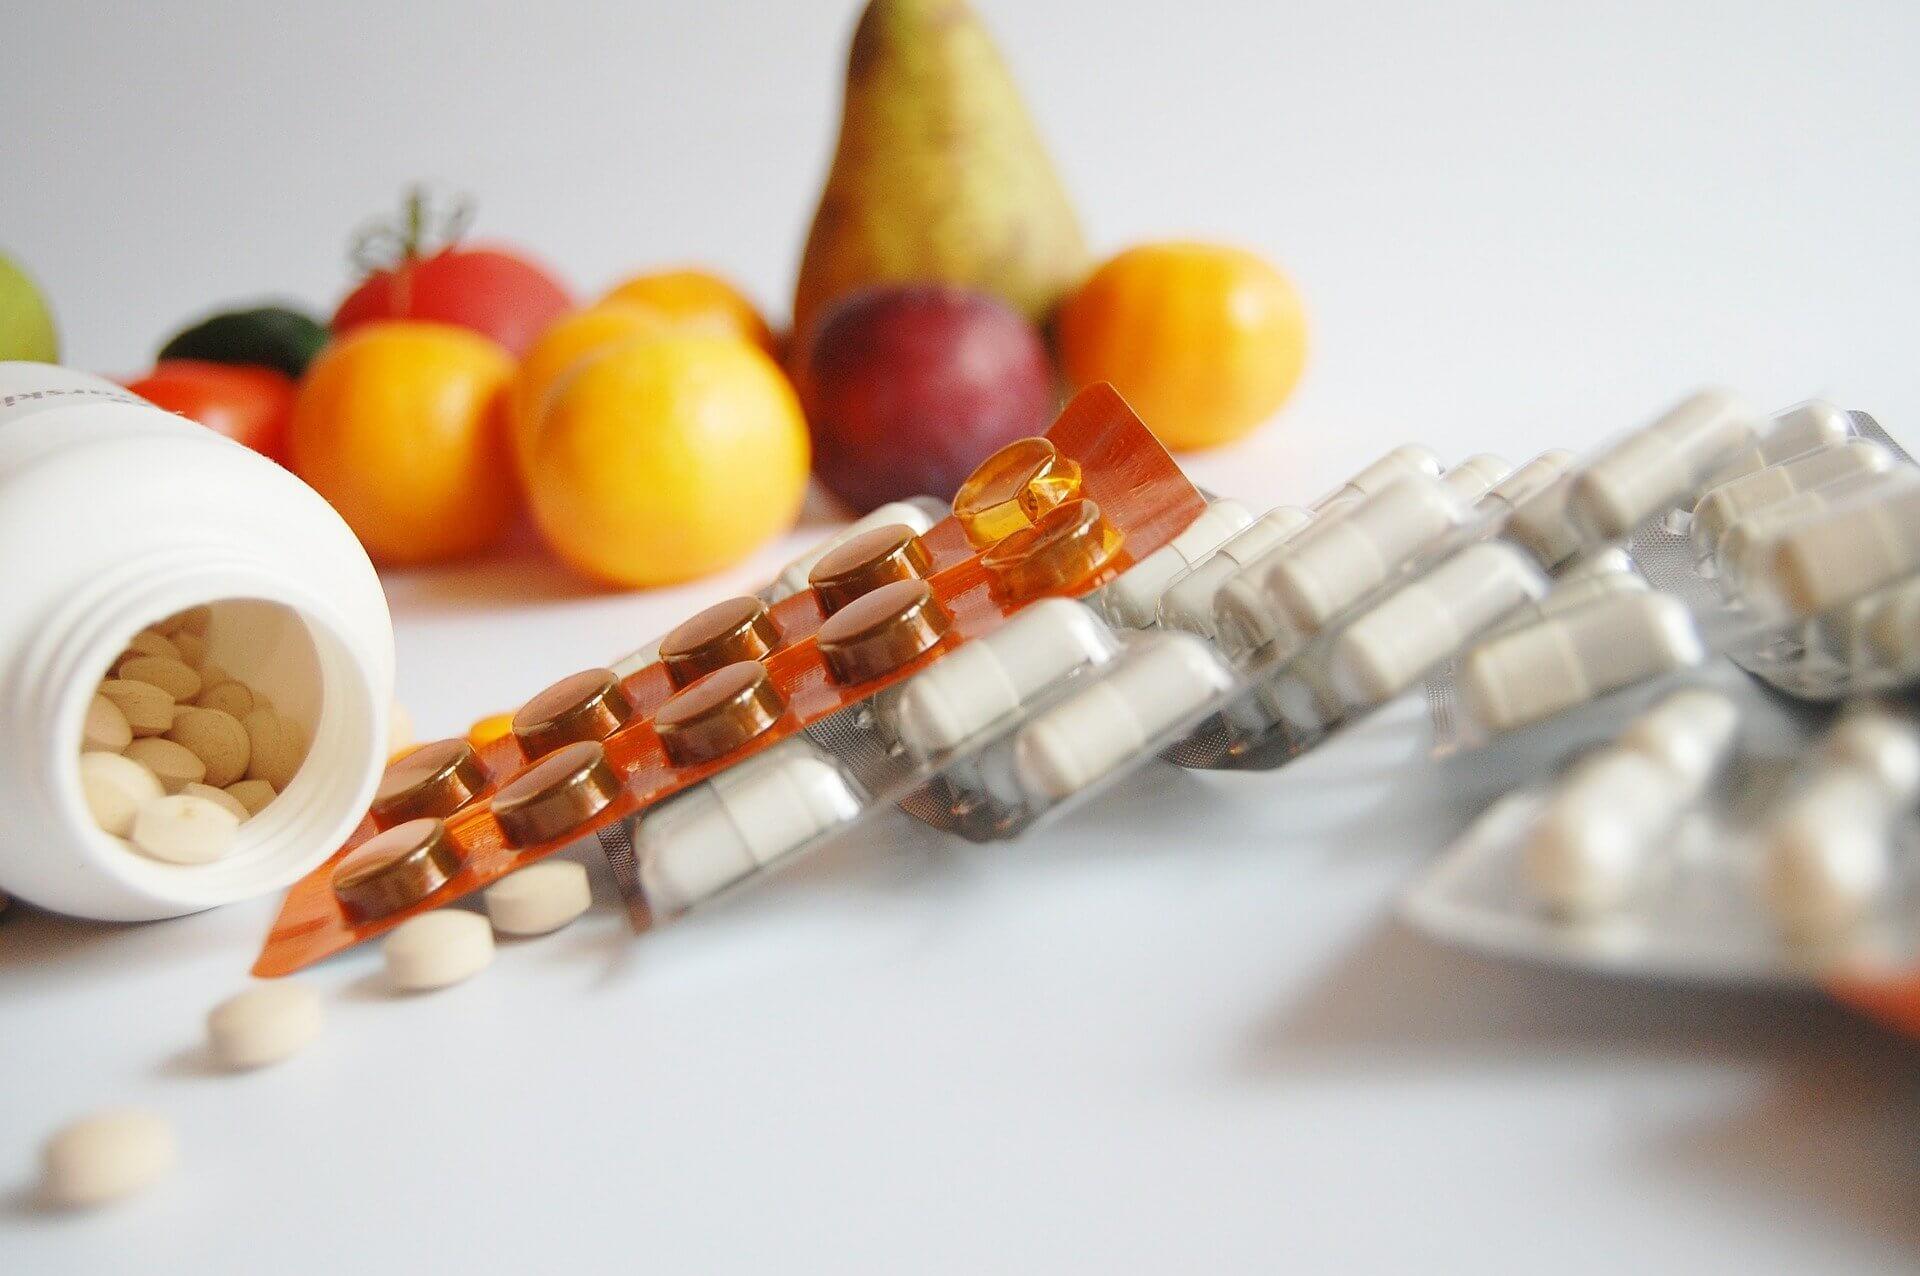 Zijn voedingssupplementen wel gezond?